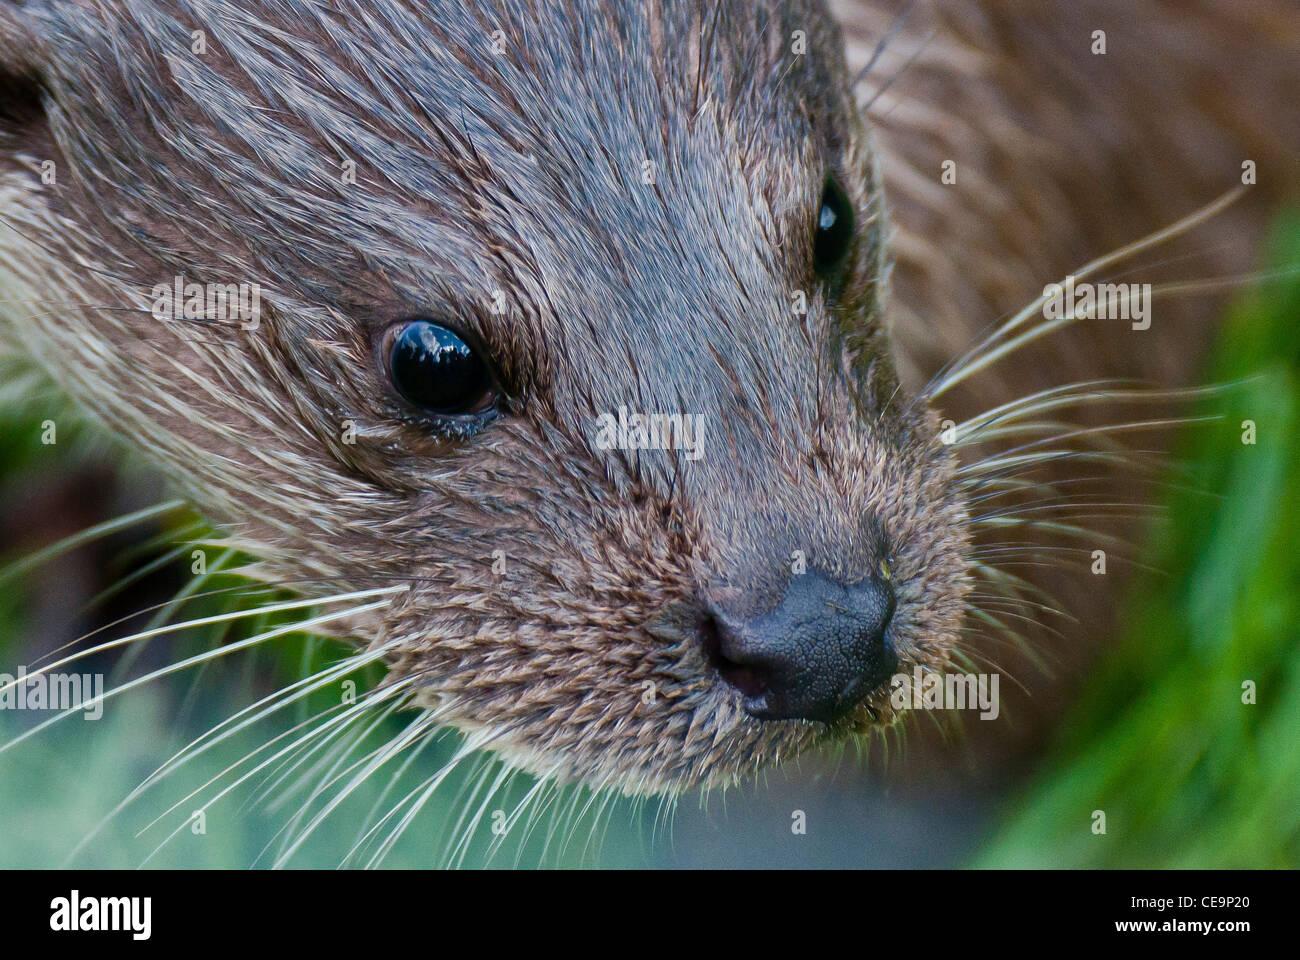 European (or Eurasian) otter (Lutra ultra) - Stock Image